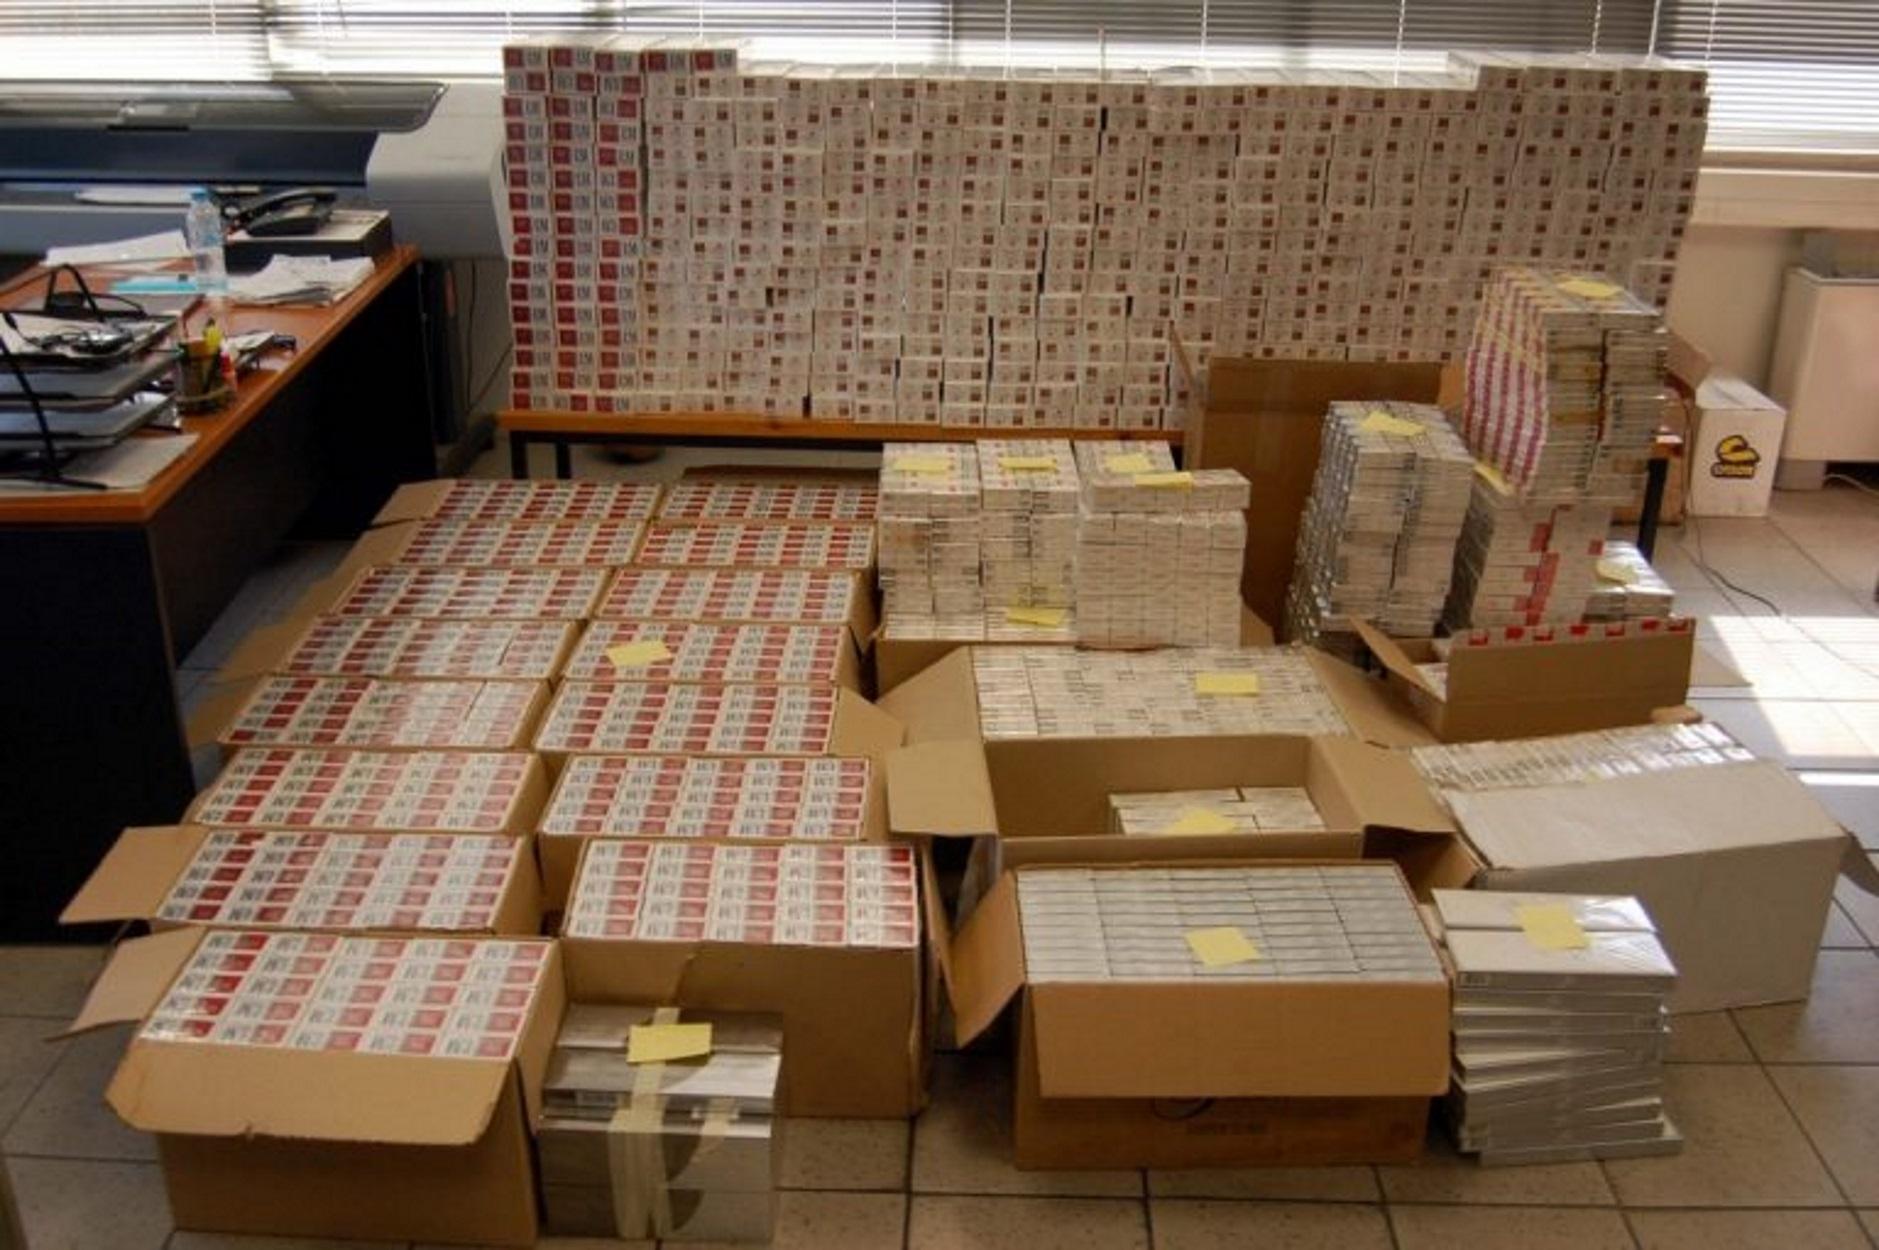 Αττική: Κατασχέθηκαν πάνω από 165.000 πακέτα τσιγάρα σε αποθήκη στη Μαγούλα